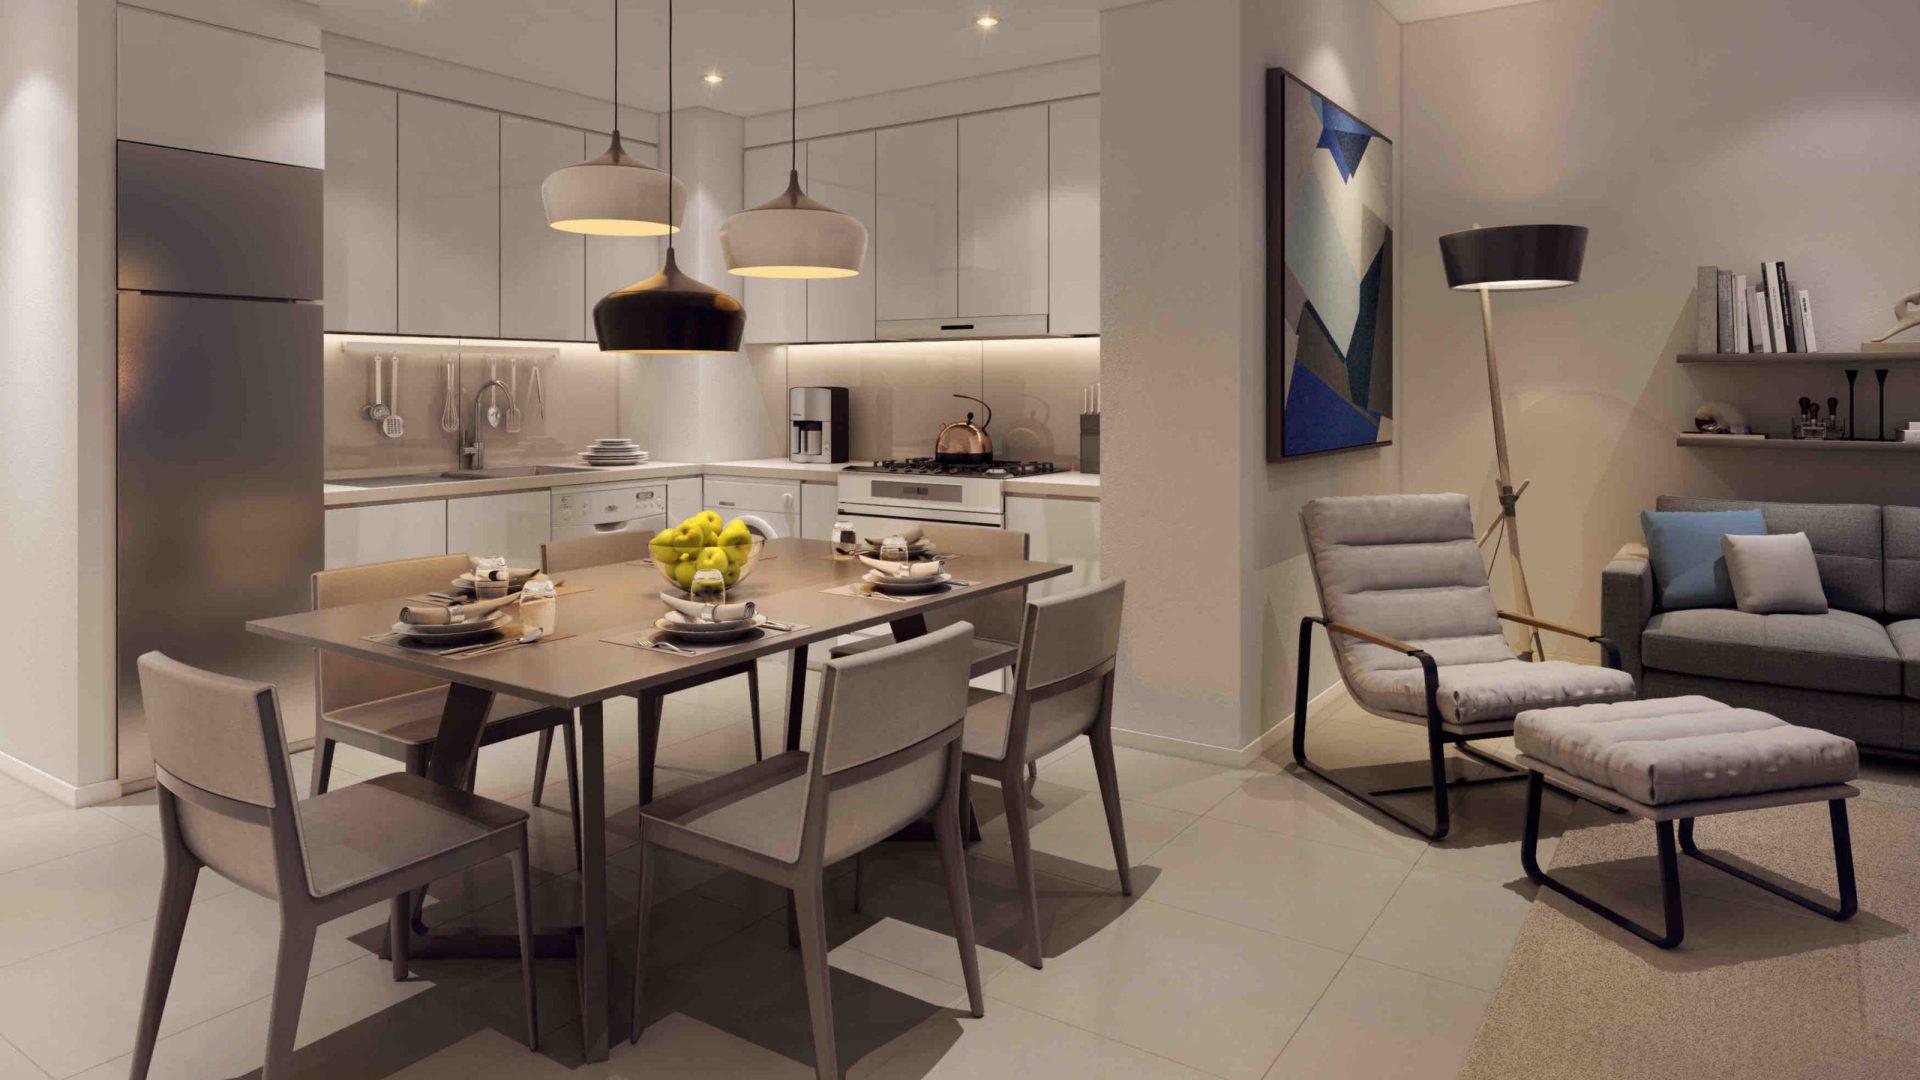 Adosado en venta en Dubai, EAU, 3 dormitorios, 212 m2, № 24248 – foto 2